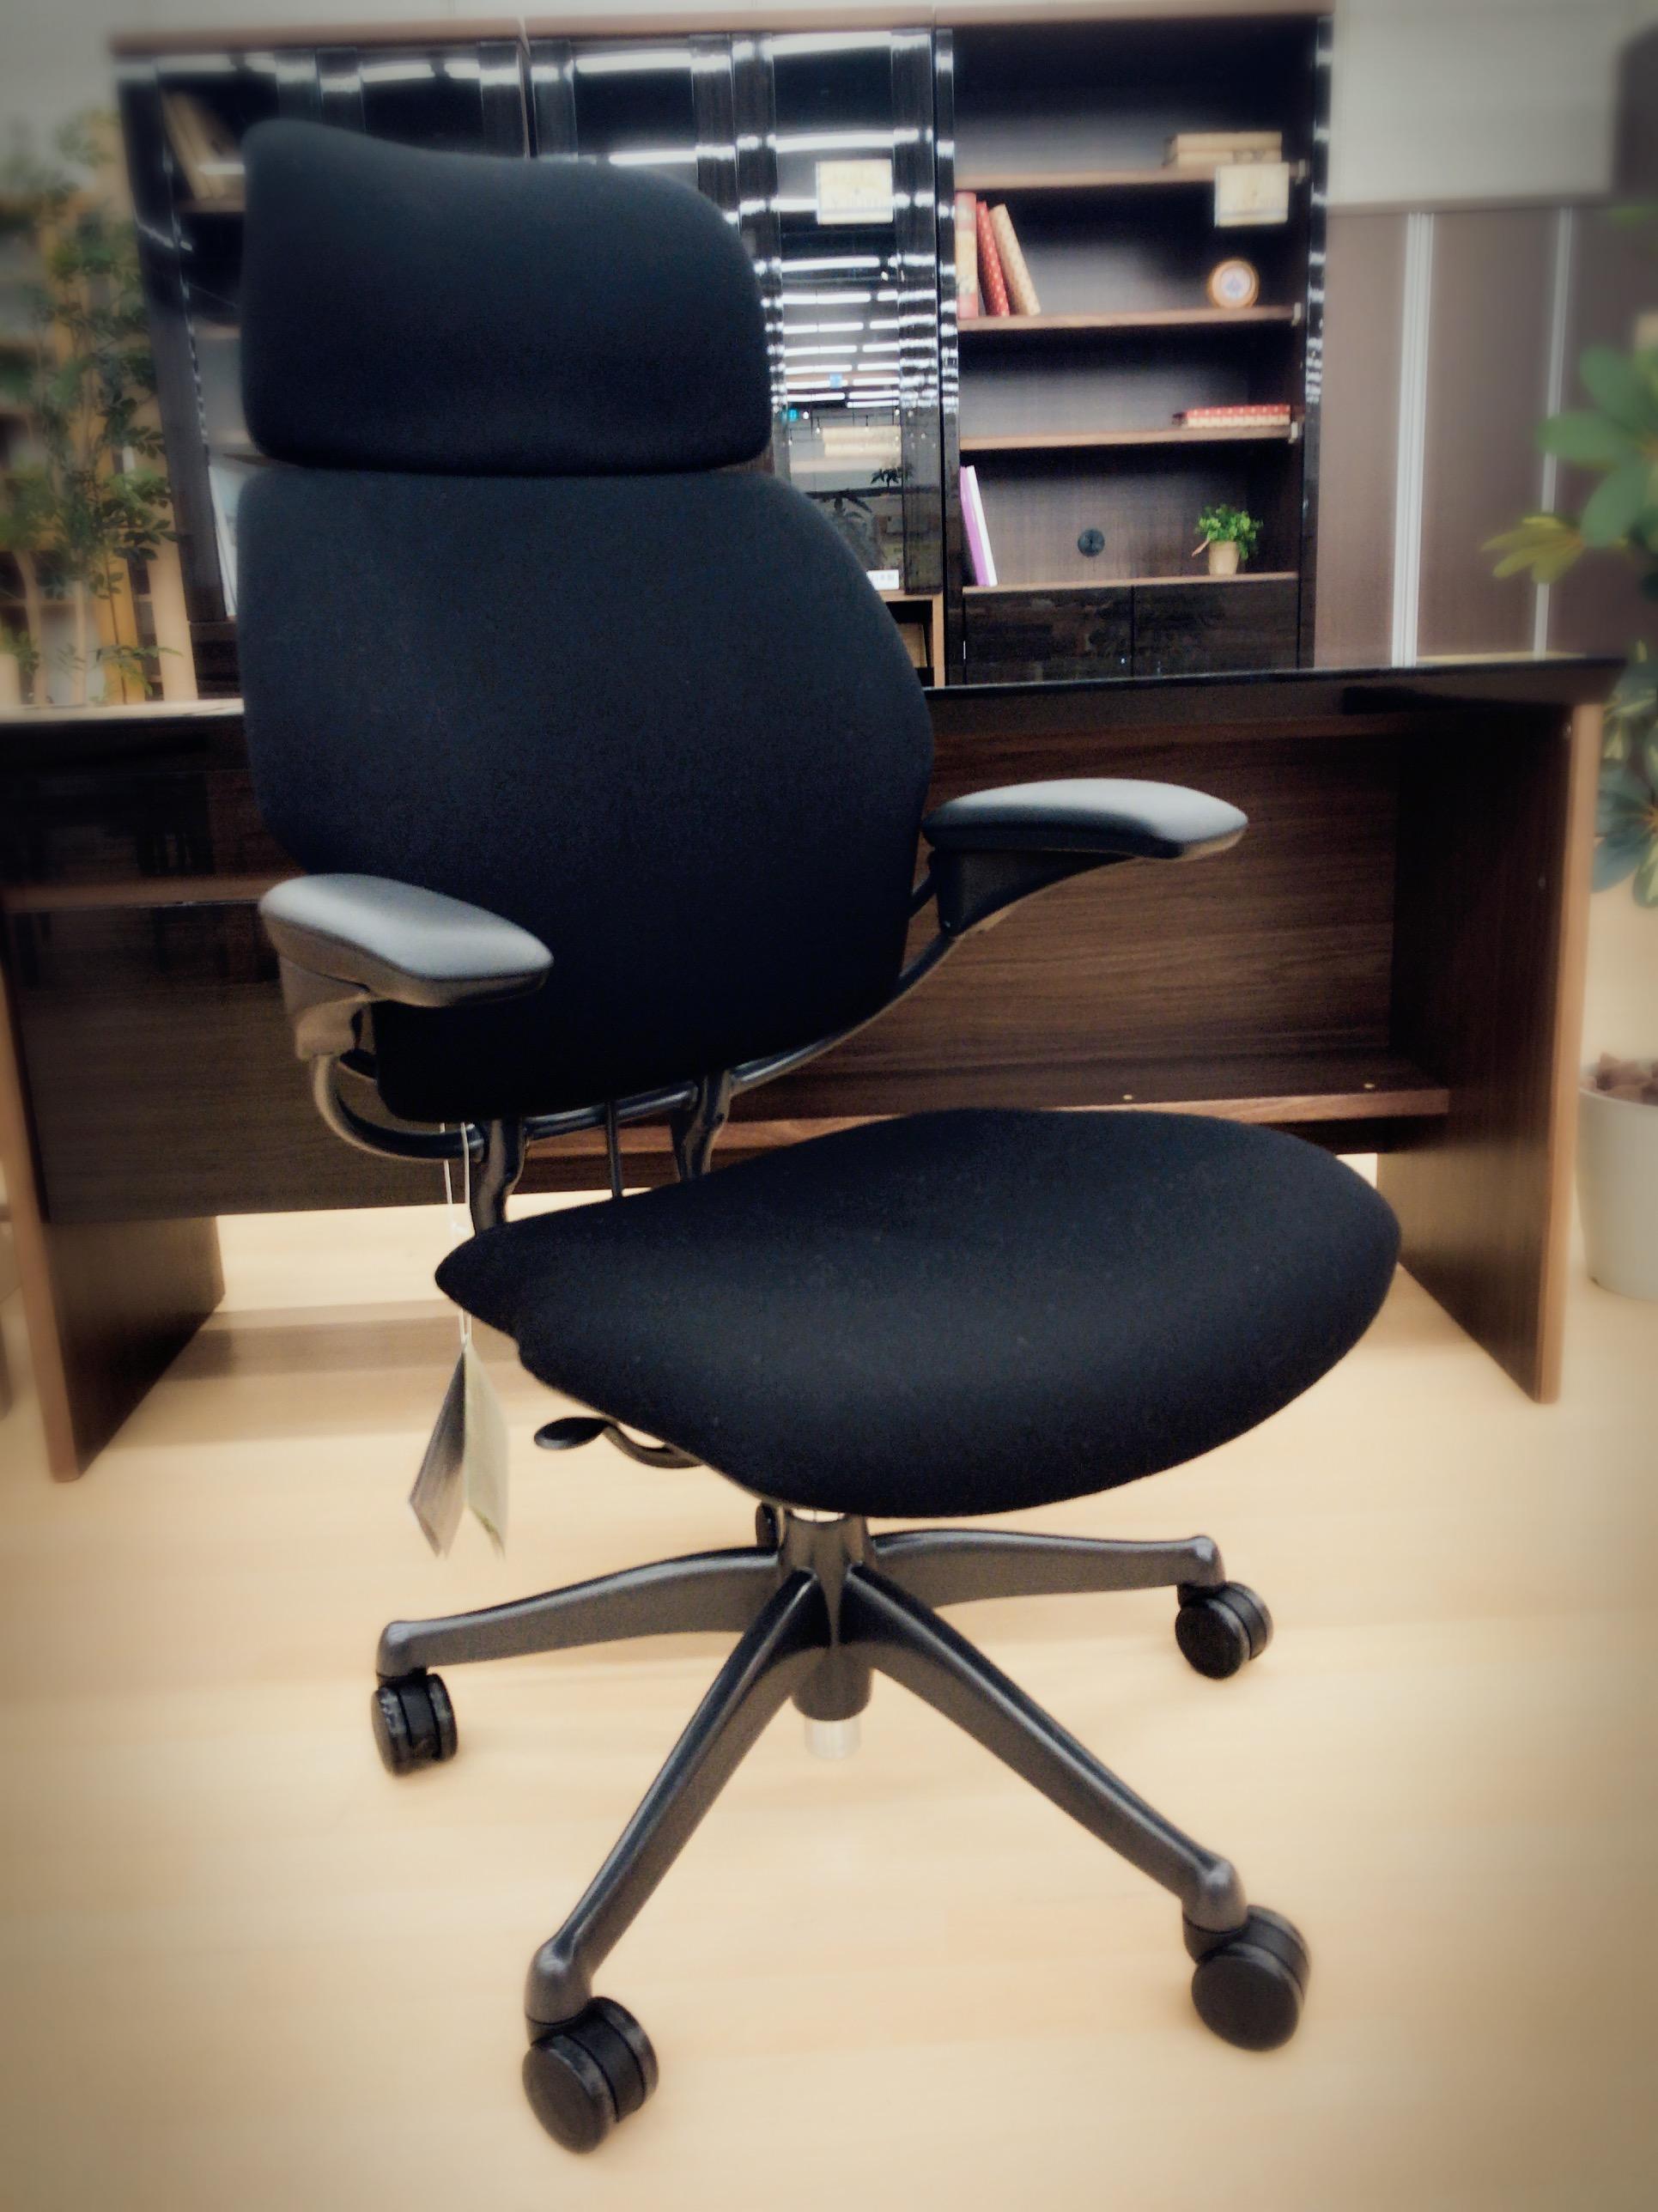 椅子 デスクワーク デスクワークの椅子の質って大事だよね!と感じた話。